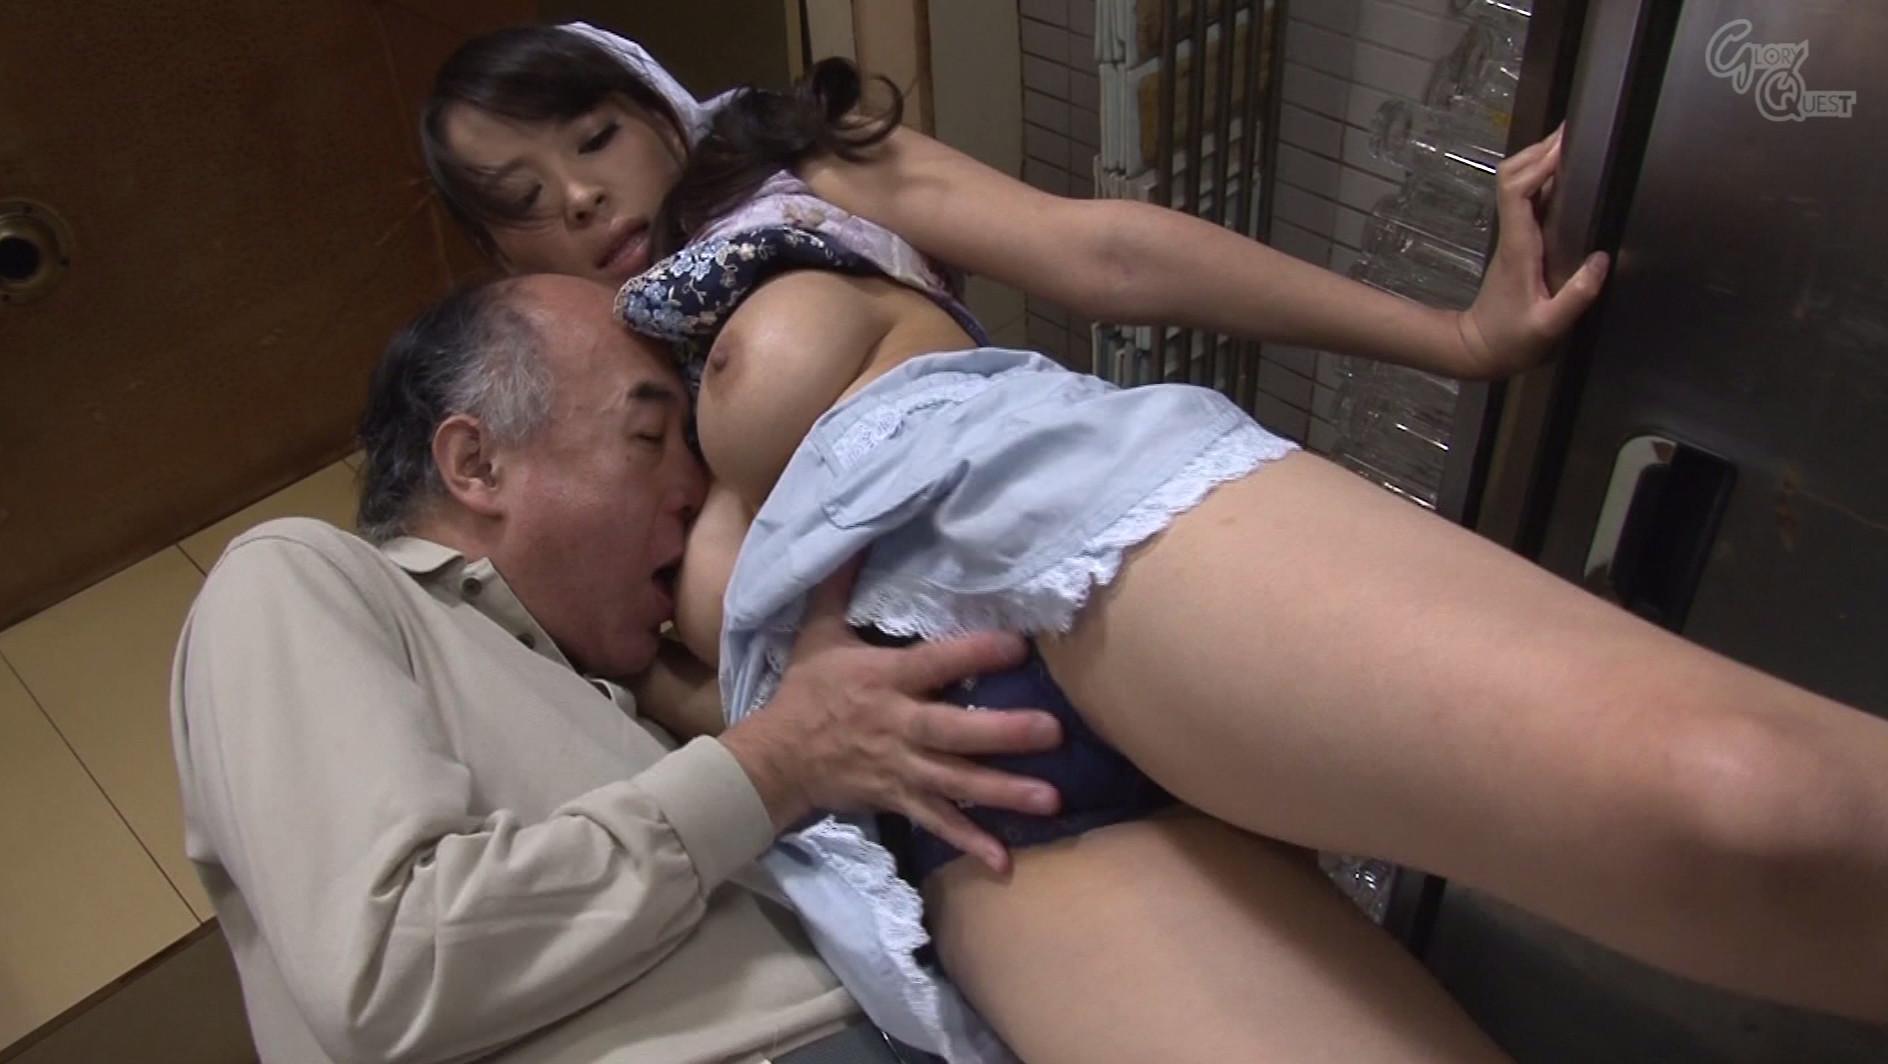 ベロチュー好きな巨乳人妻と中出しできる定食屋さん 春原未来 真木今日子 沖田奈々 画像15